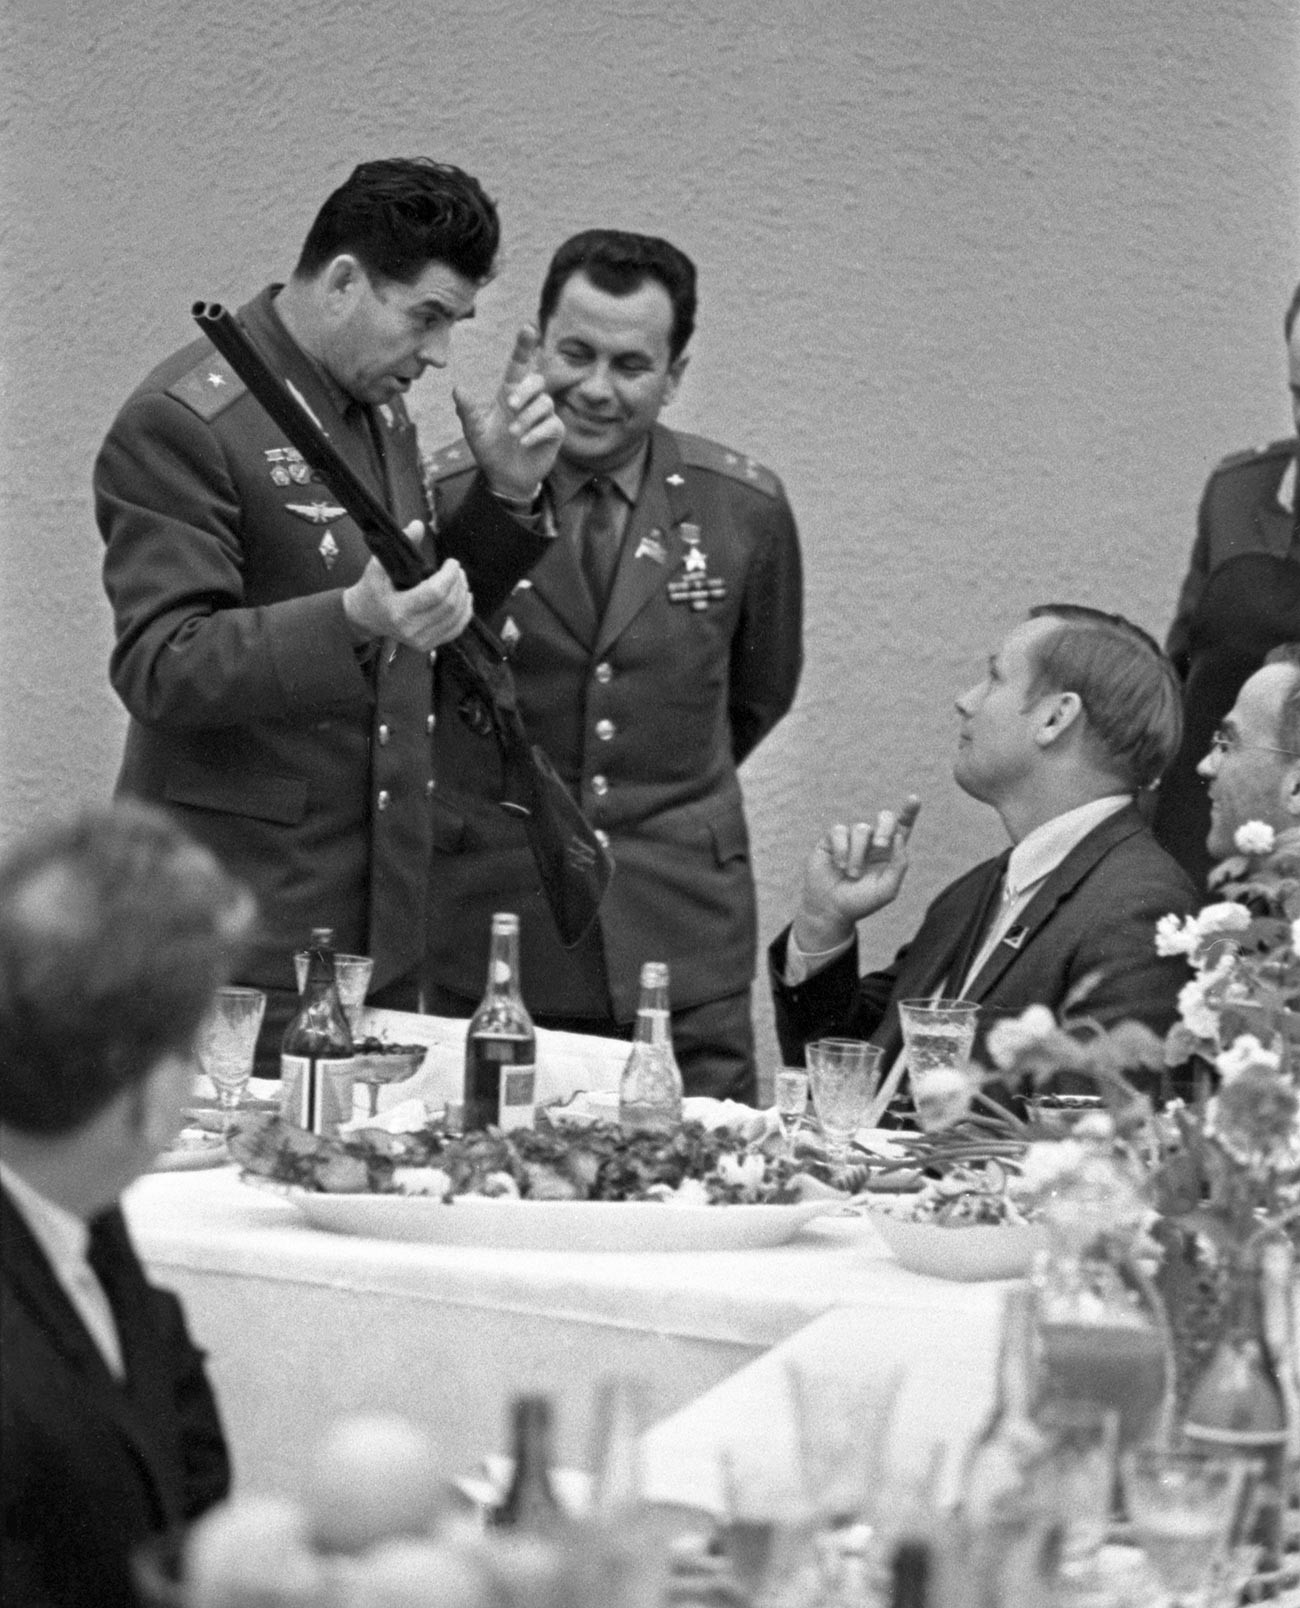 Летчики-космонавты СССР Георгий Береговой (слева) и Павел Попович вручают Нилу Армстронгу охотничье ружье тульских оружейных мастеров.